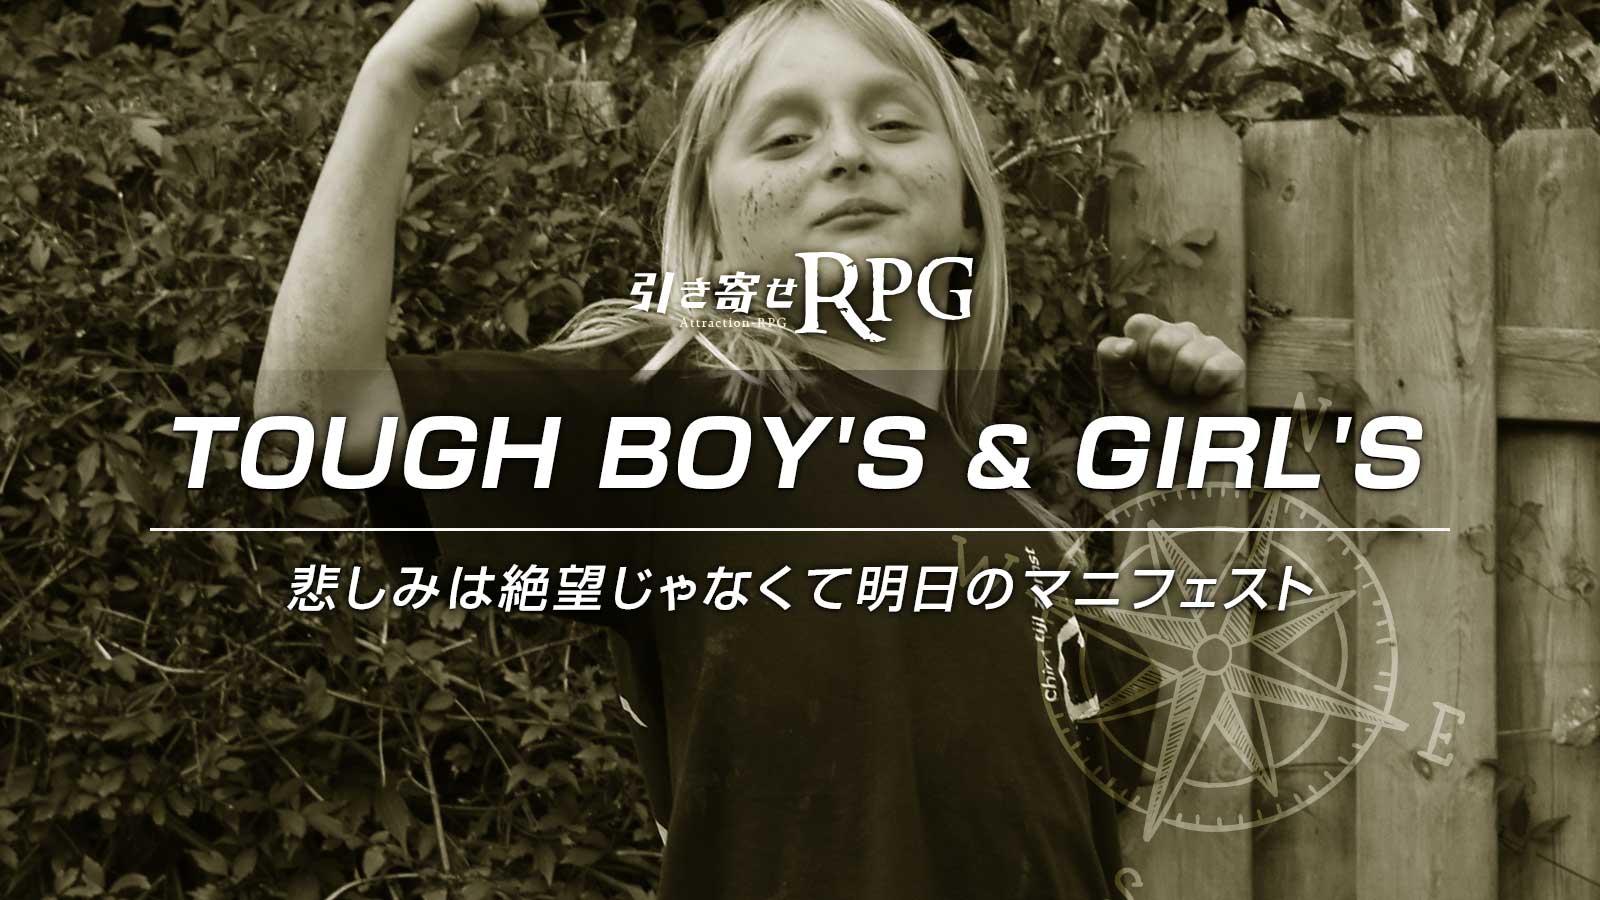 TOUGH BOY'S & GIRL'S